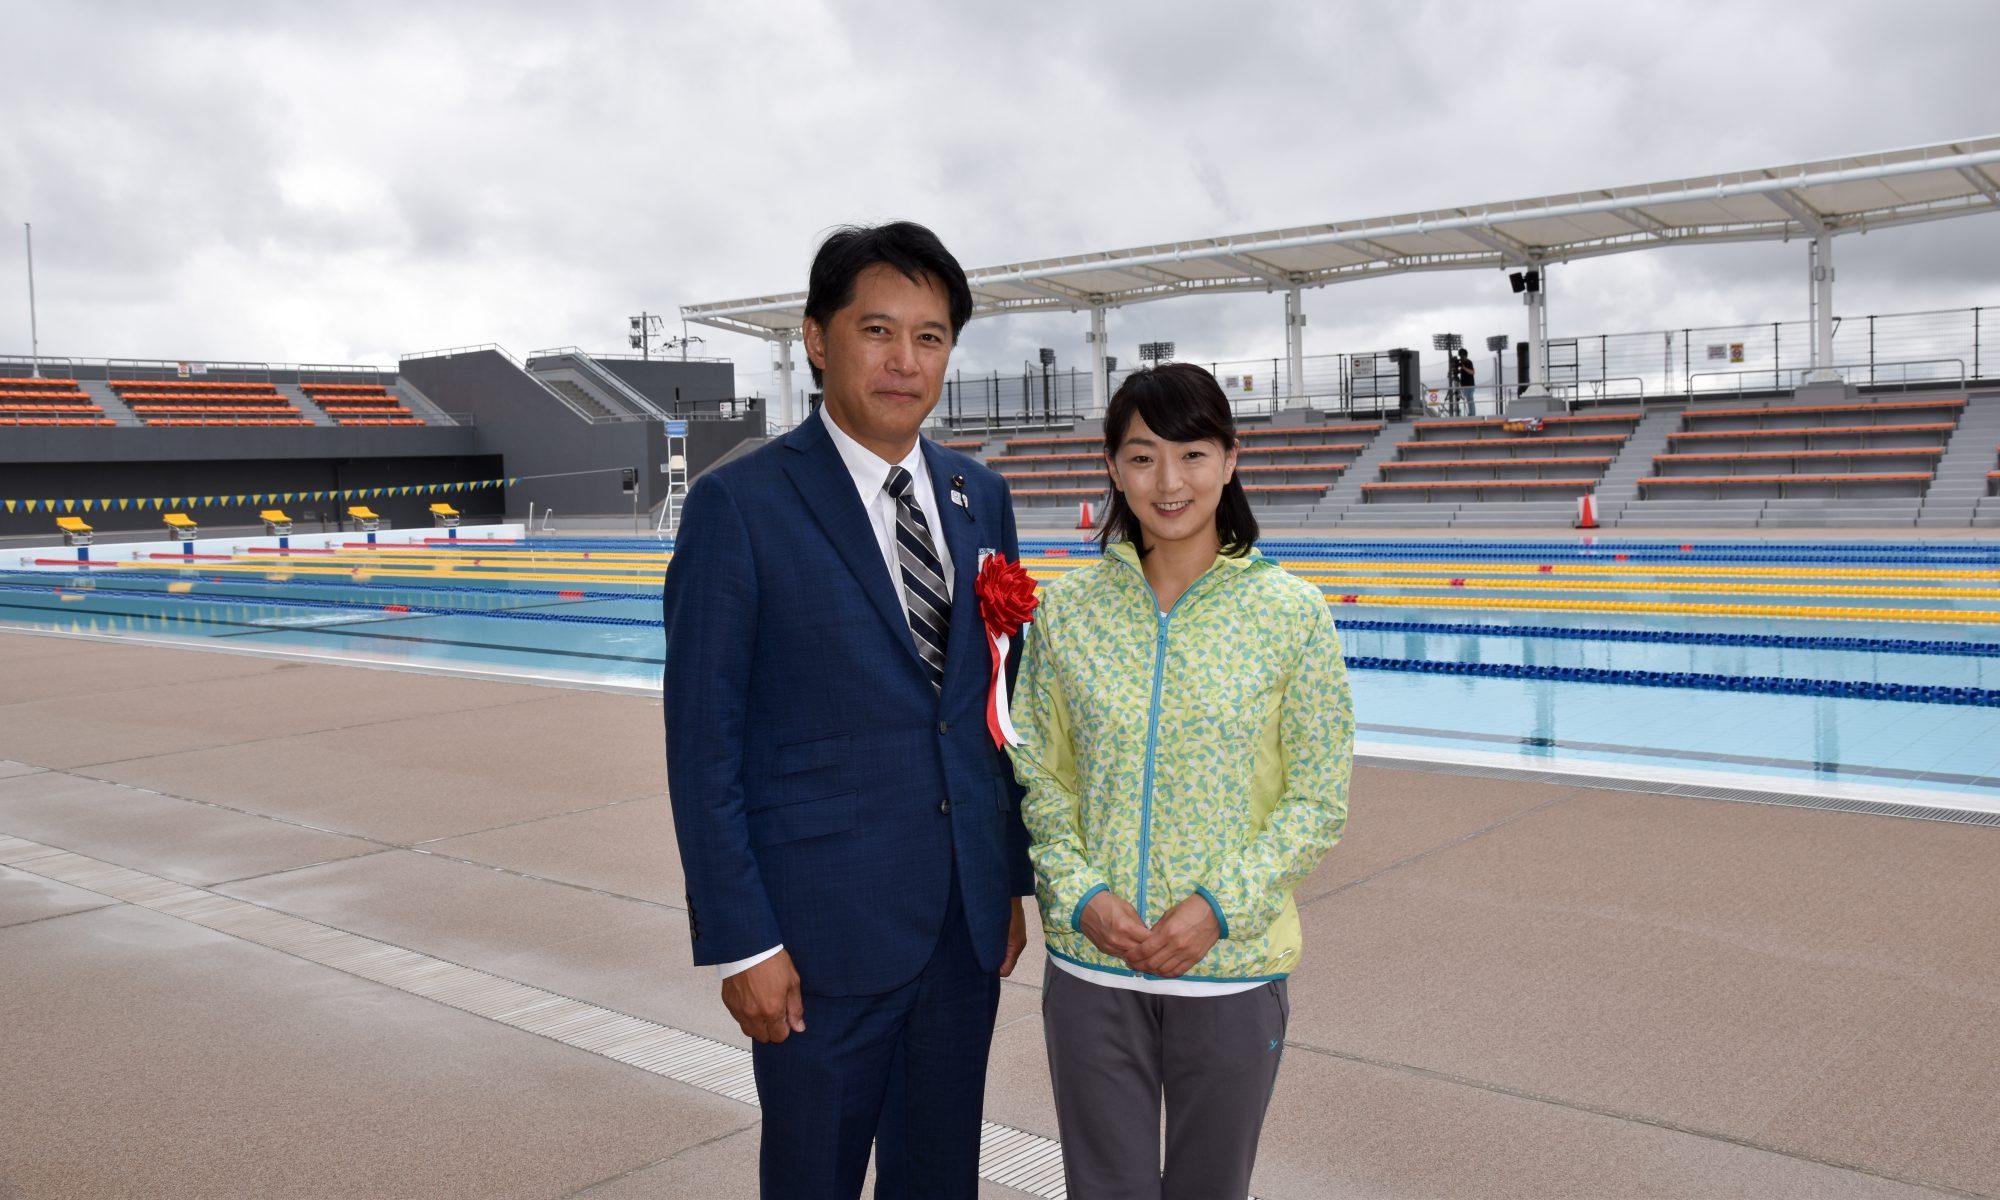 福岡県議会議員 板橋さとし公式ブログ